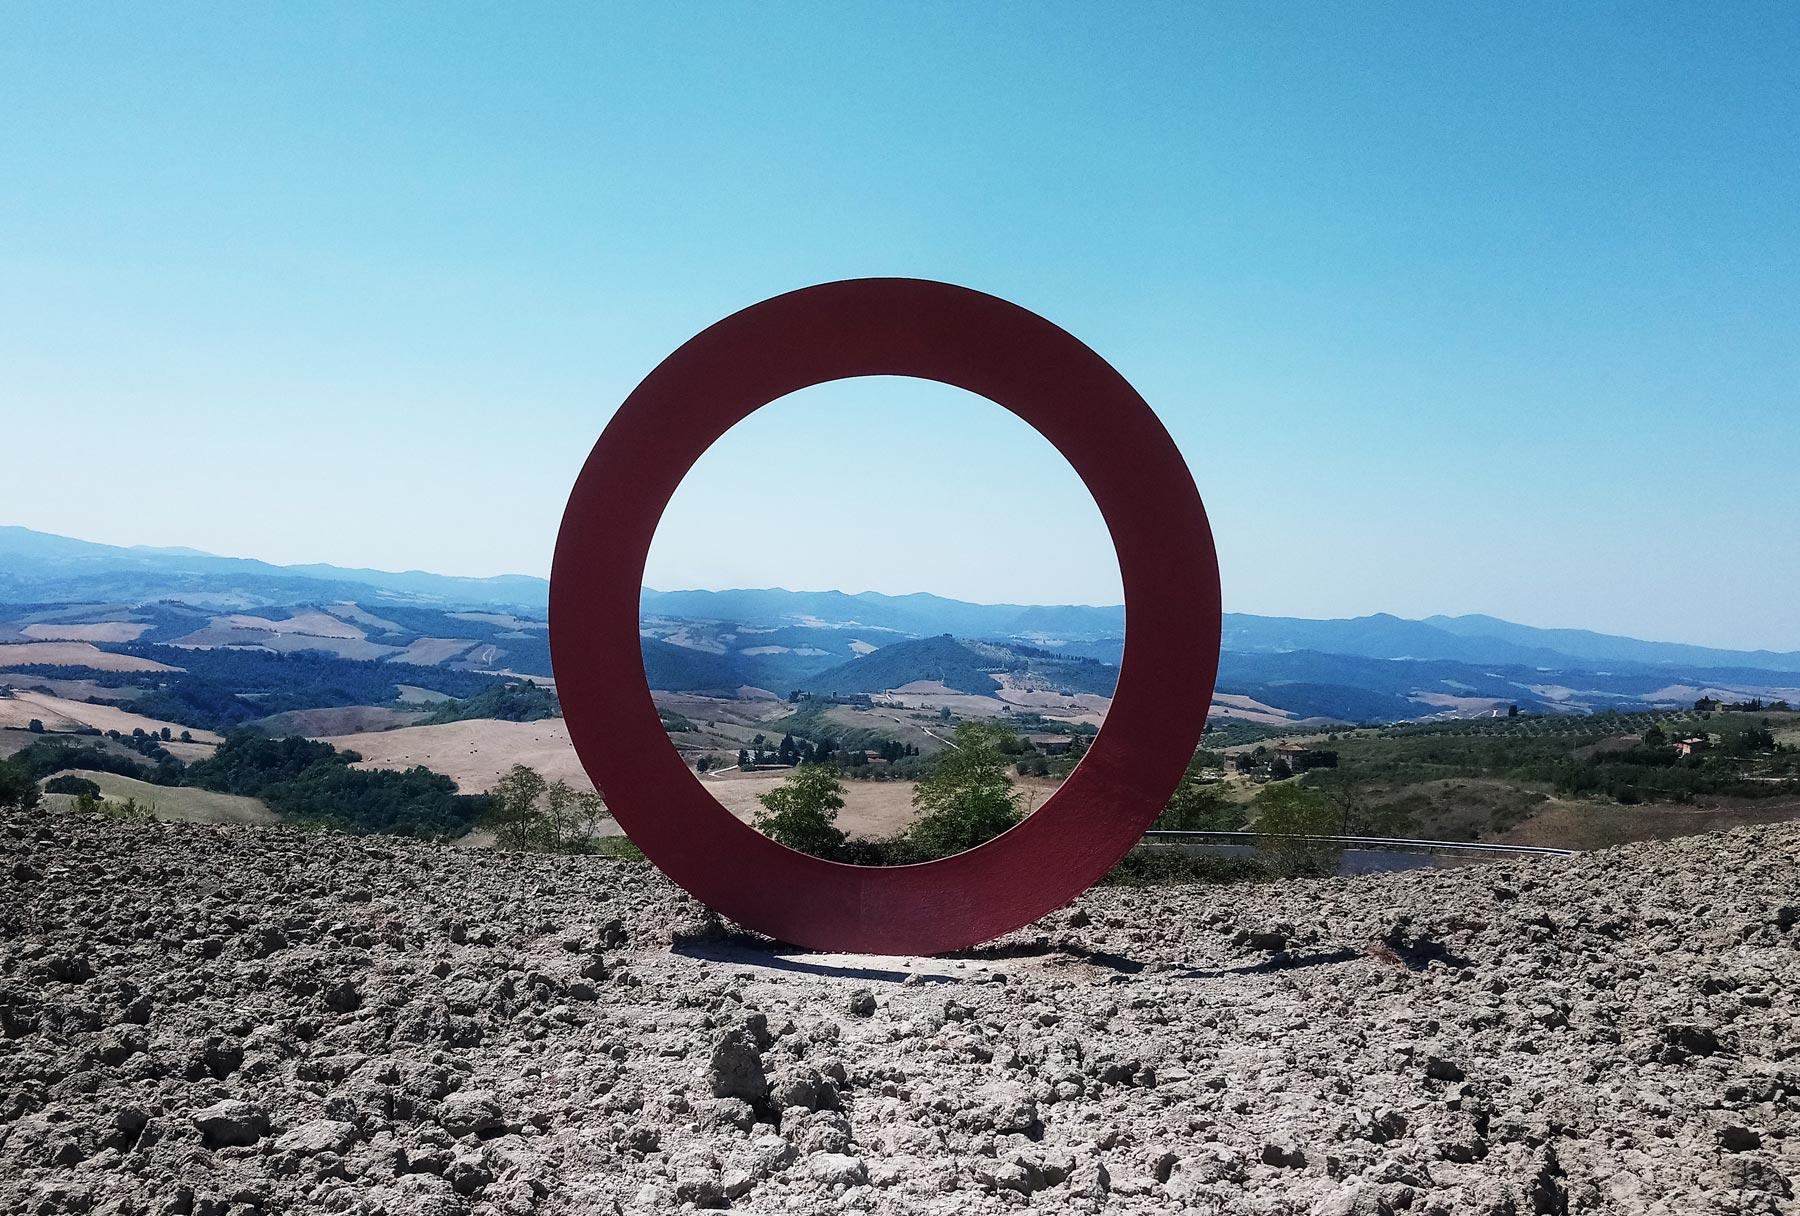 Le sculture di Mauro Staccioli a Volterra: esperienze che diventano <b>arte</b> nel paesaggio